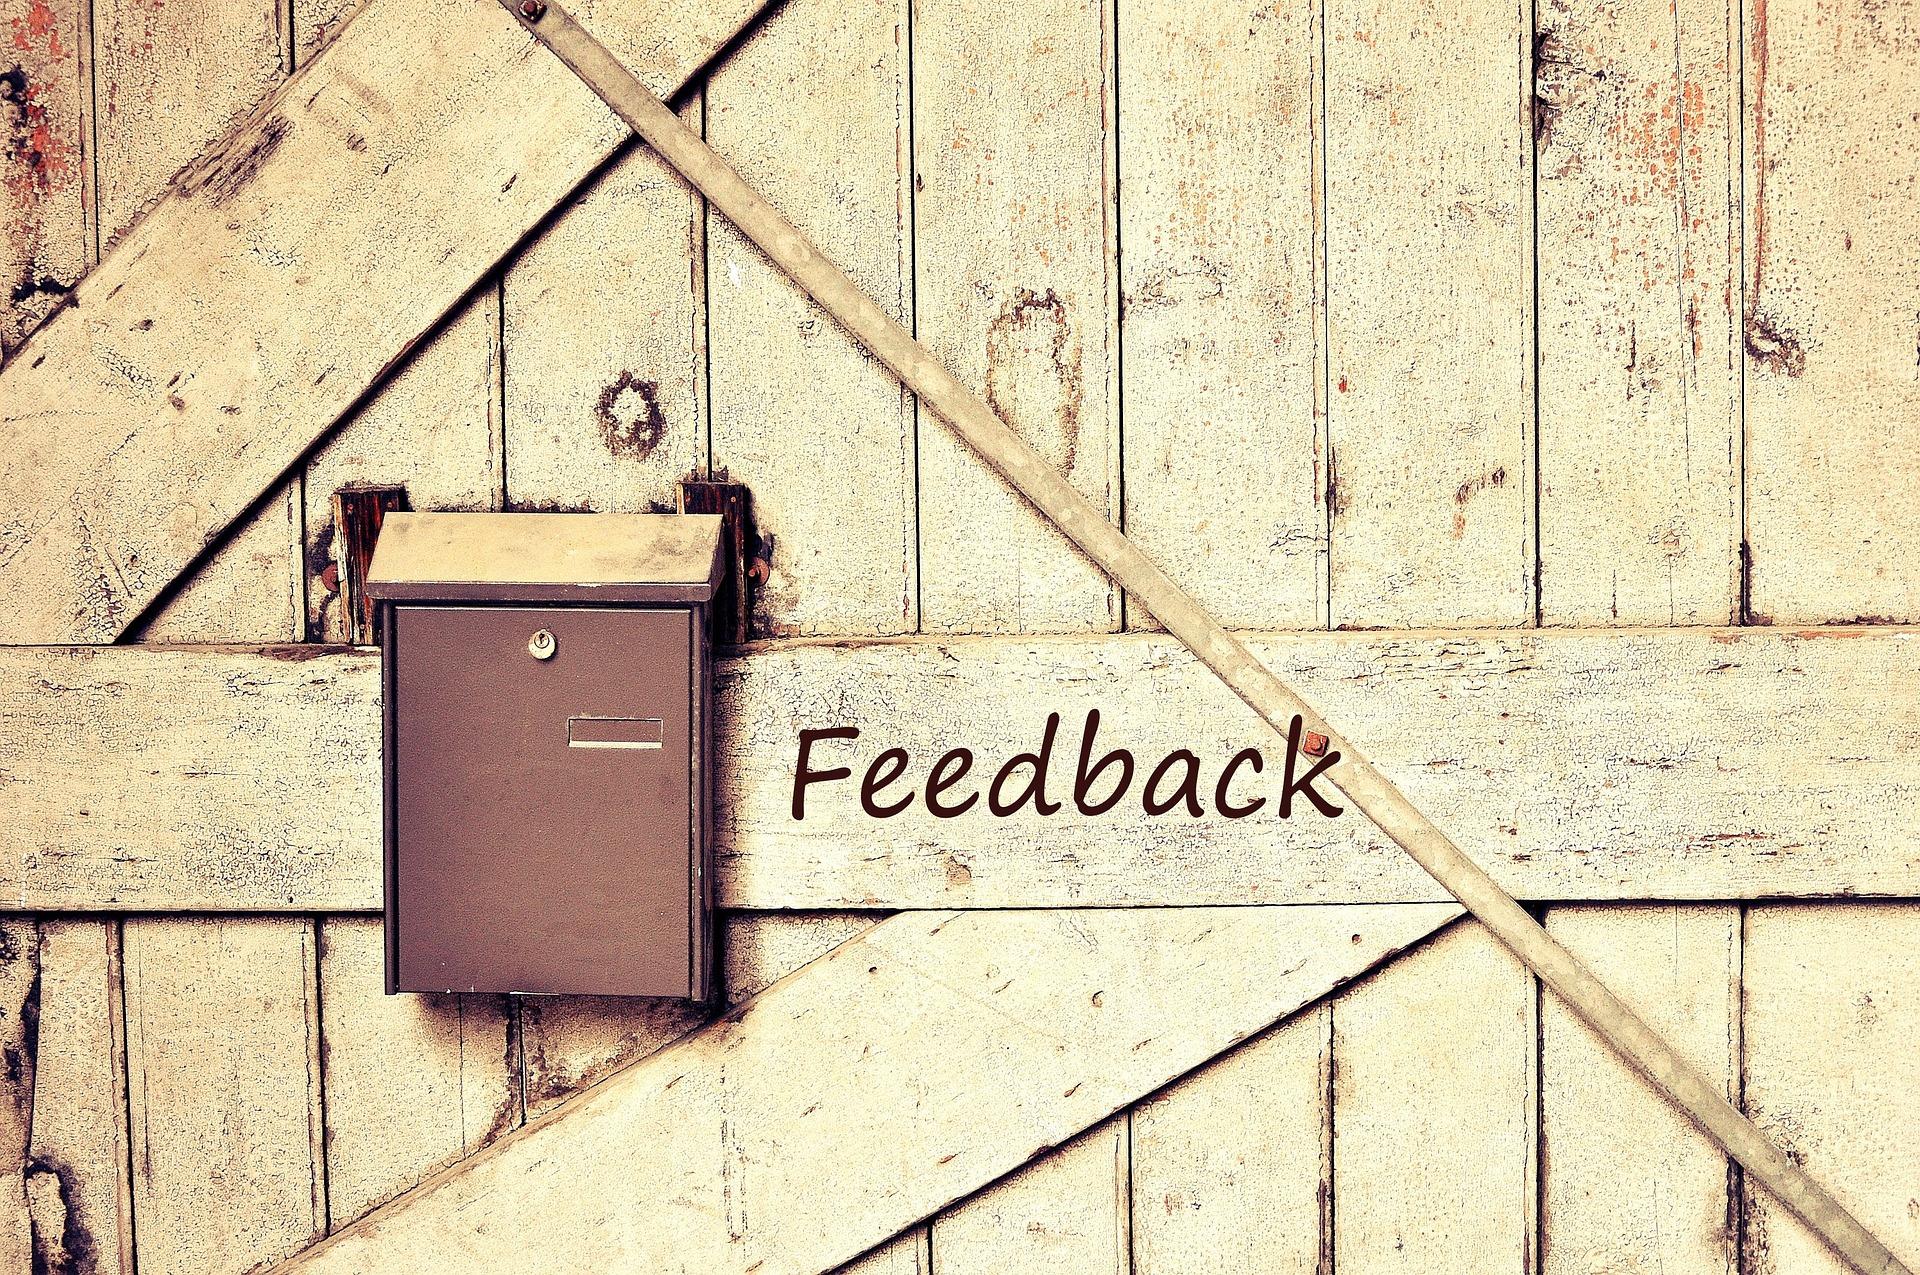 feedback - 20代未経験からWebデザイナーになる前に絶対に知っておいて欲しいこと